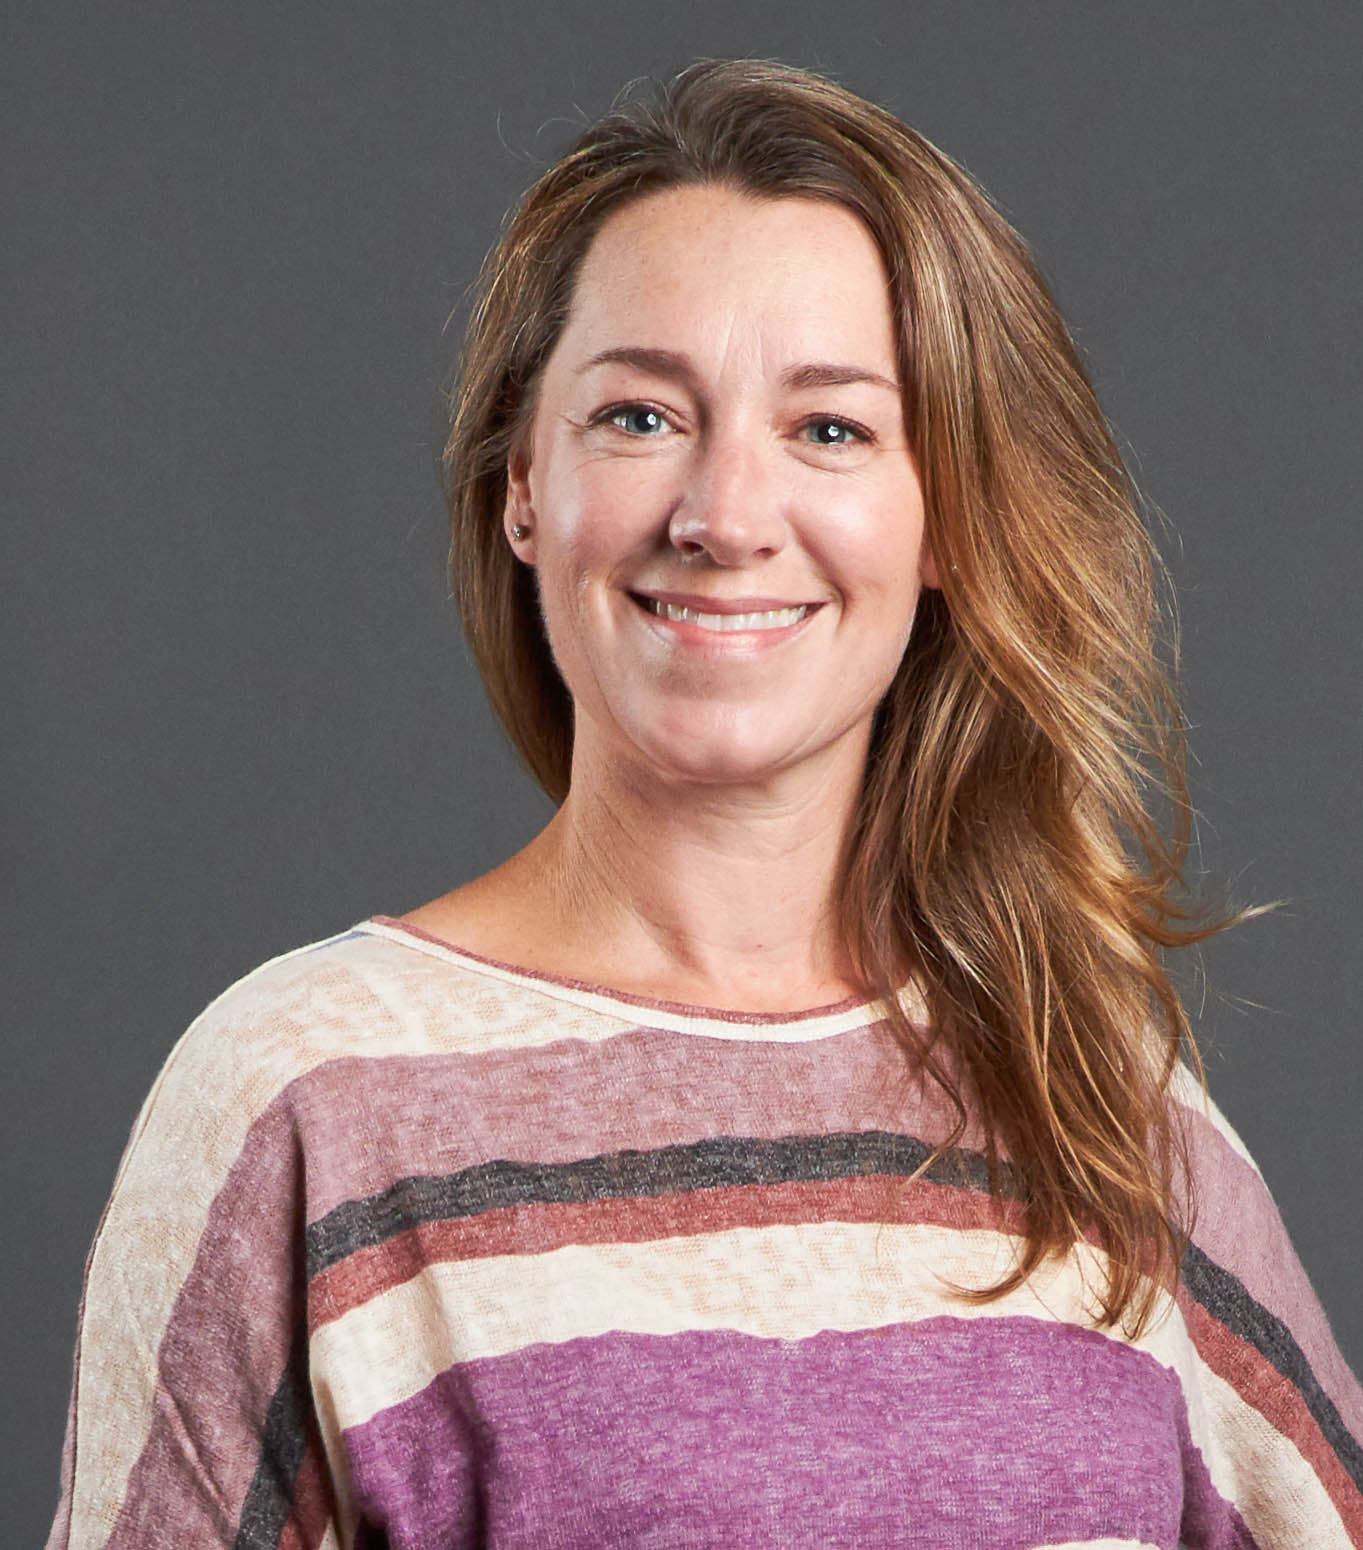 Amanda Fuqua